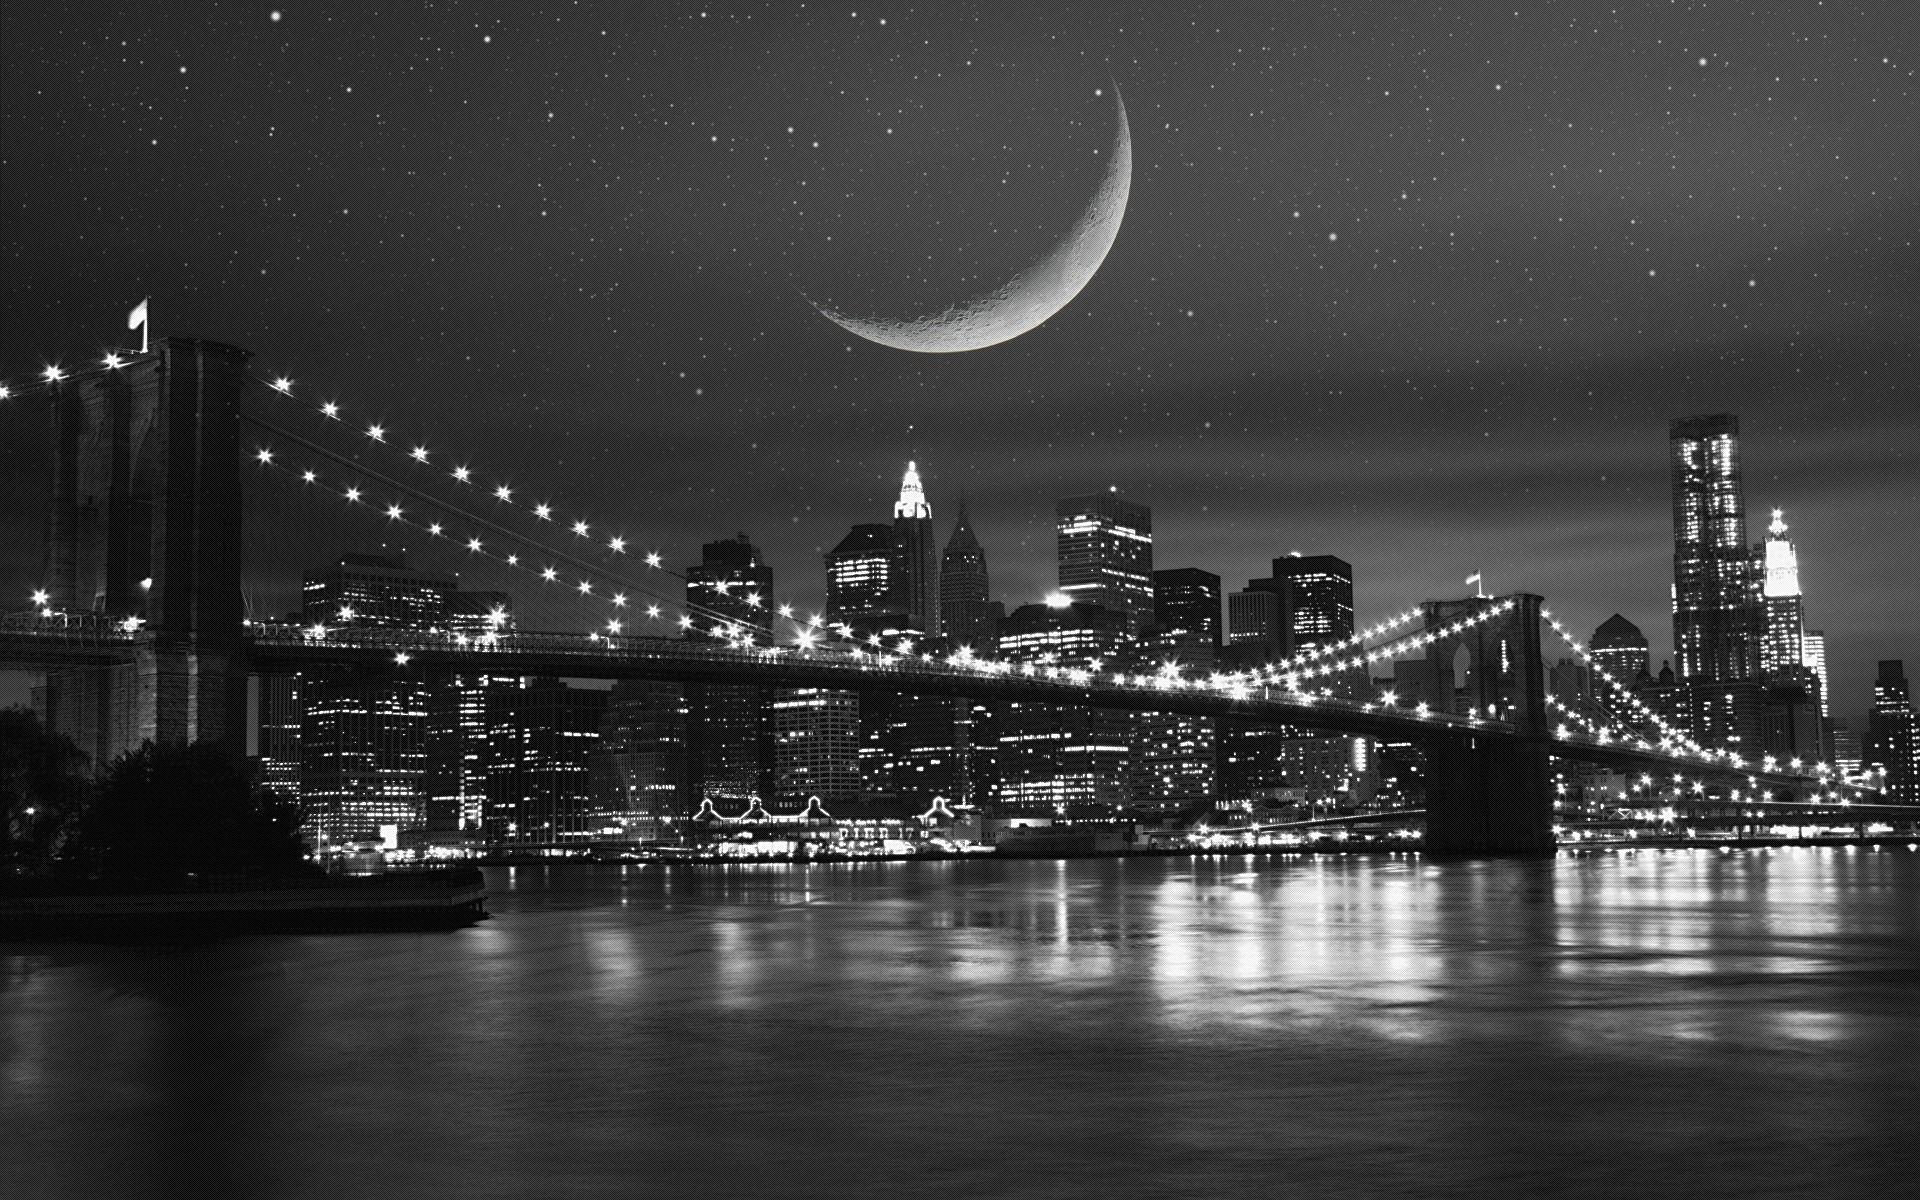 Immagini Bianco E Nero Cerca Con Google Bianco E Nero Paesaggi Sfondi